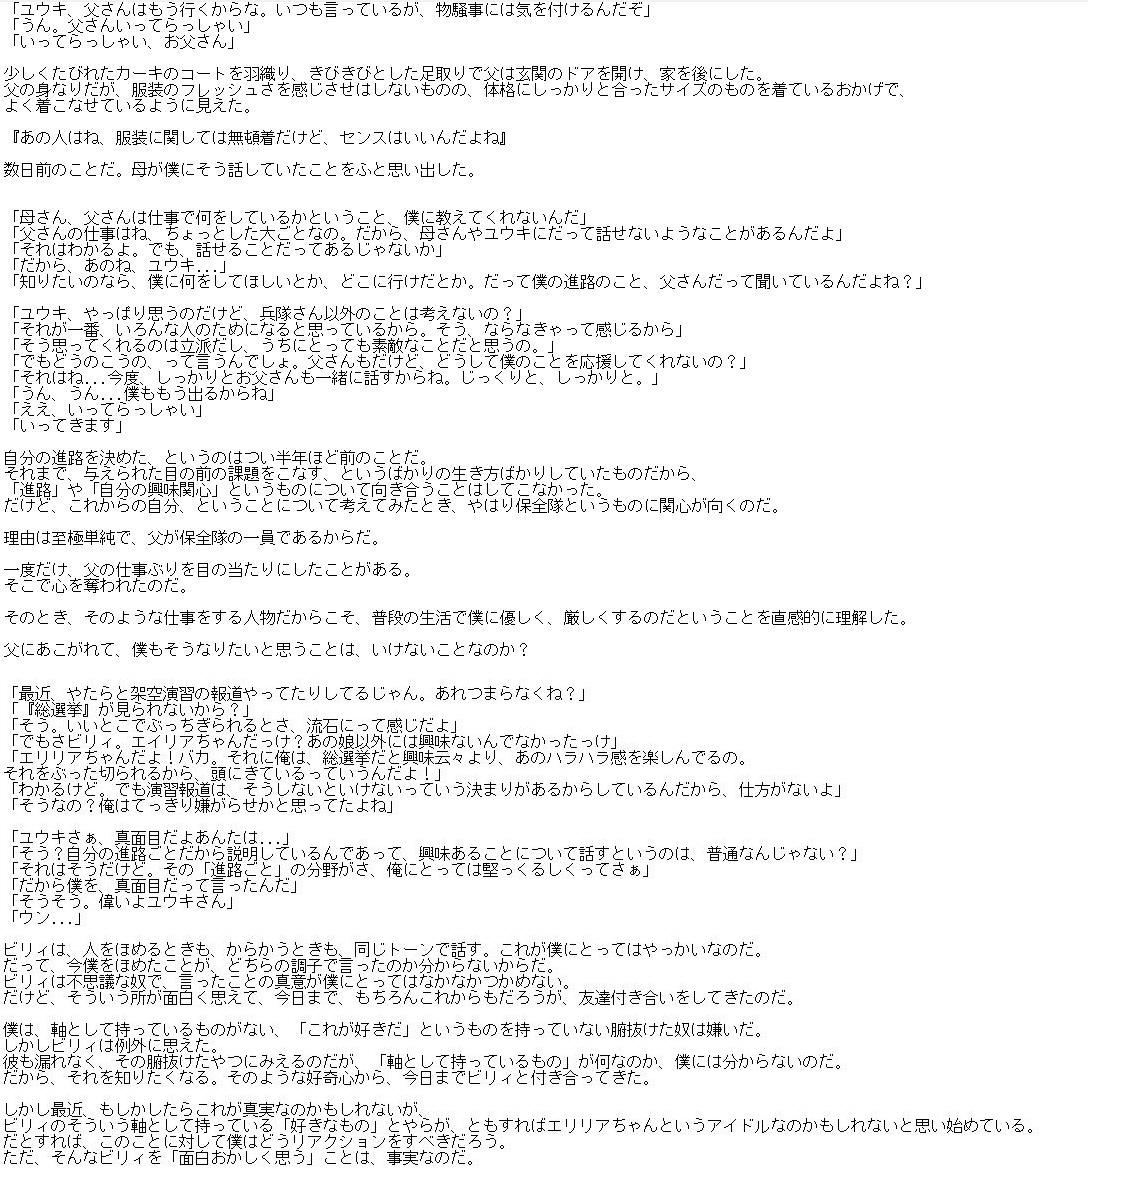 f:id:nagisaseer:20190424165706j:plain